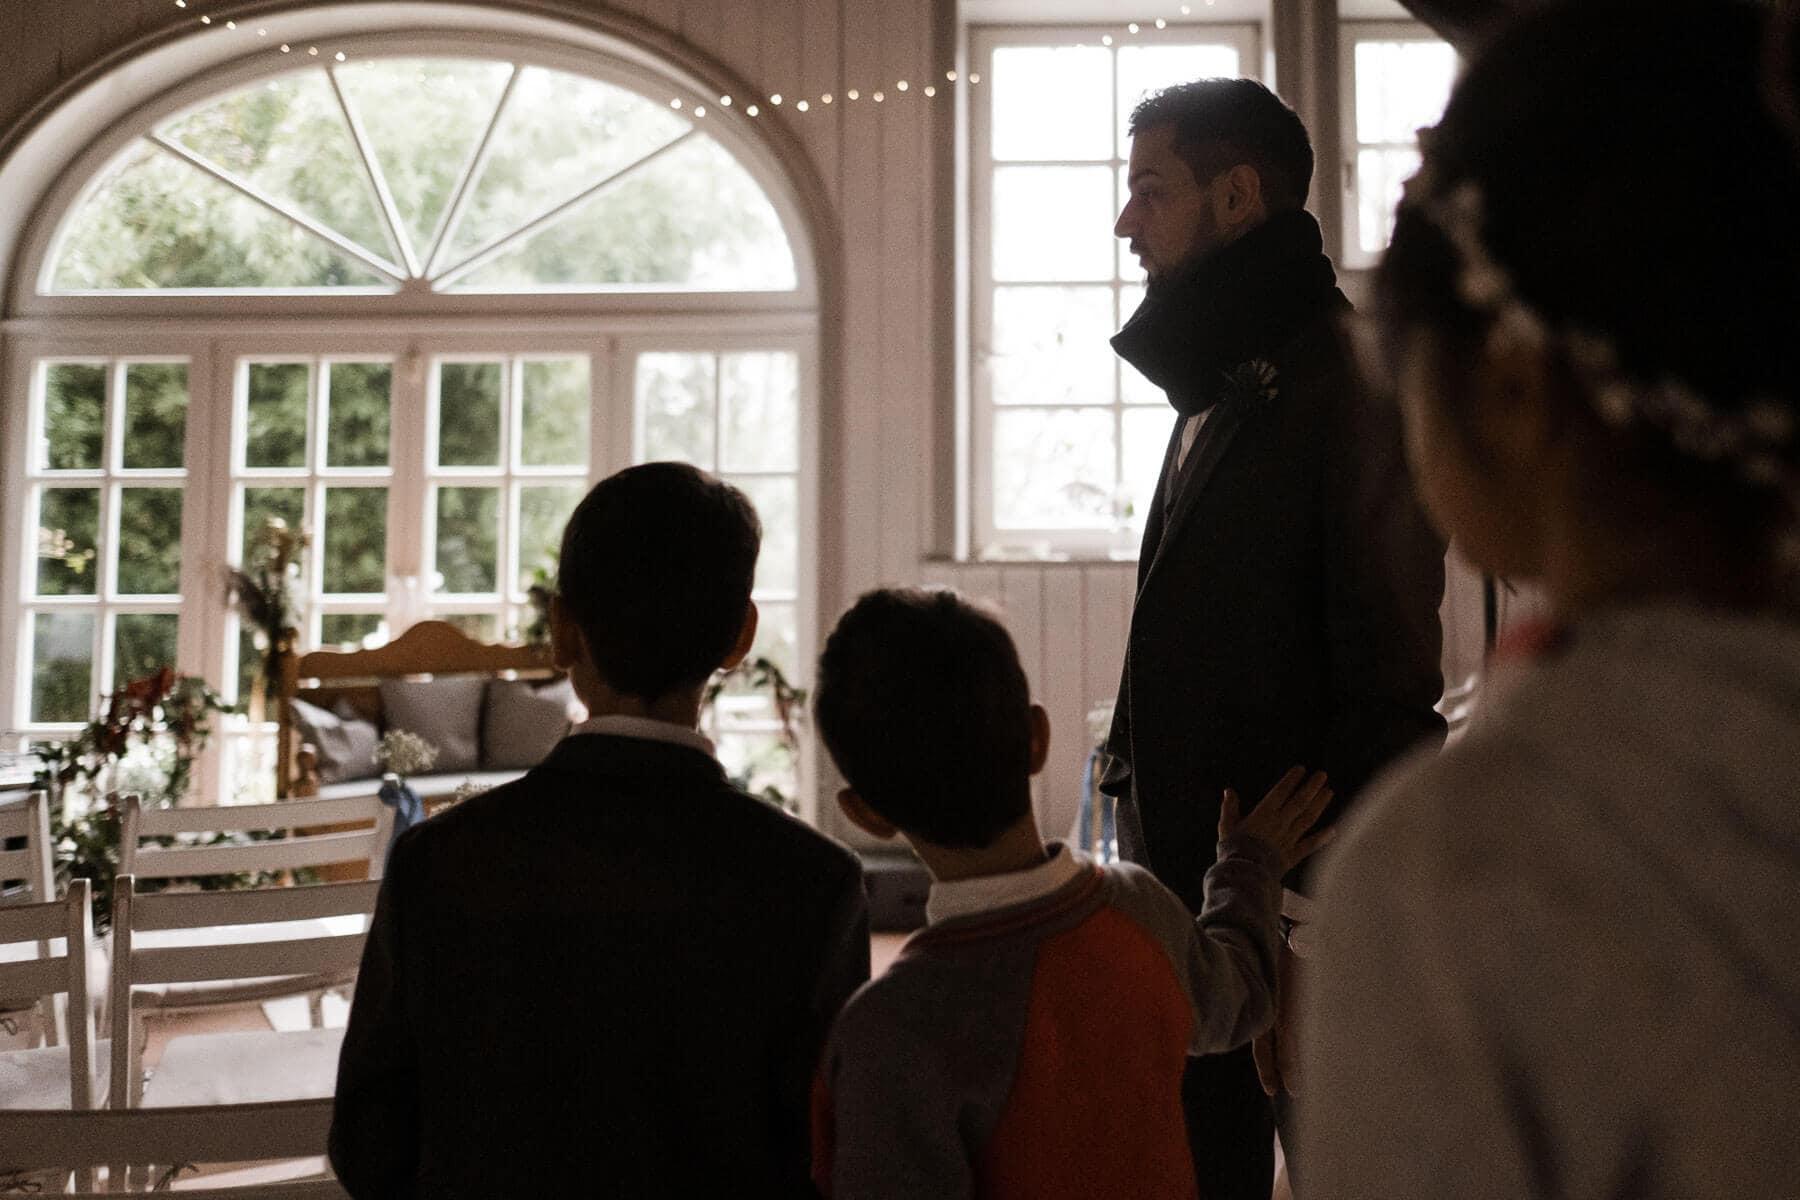 hinter einen großen Türbogen ist die Trauungslocation zu sehen, sie befindet sich in einem Landhaus mit großen, hellen Fenstern mit Sprossen, 2 Jungen und ein Mädchen stehen vor der Tür und blicken in das Zimmer